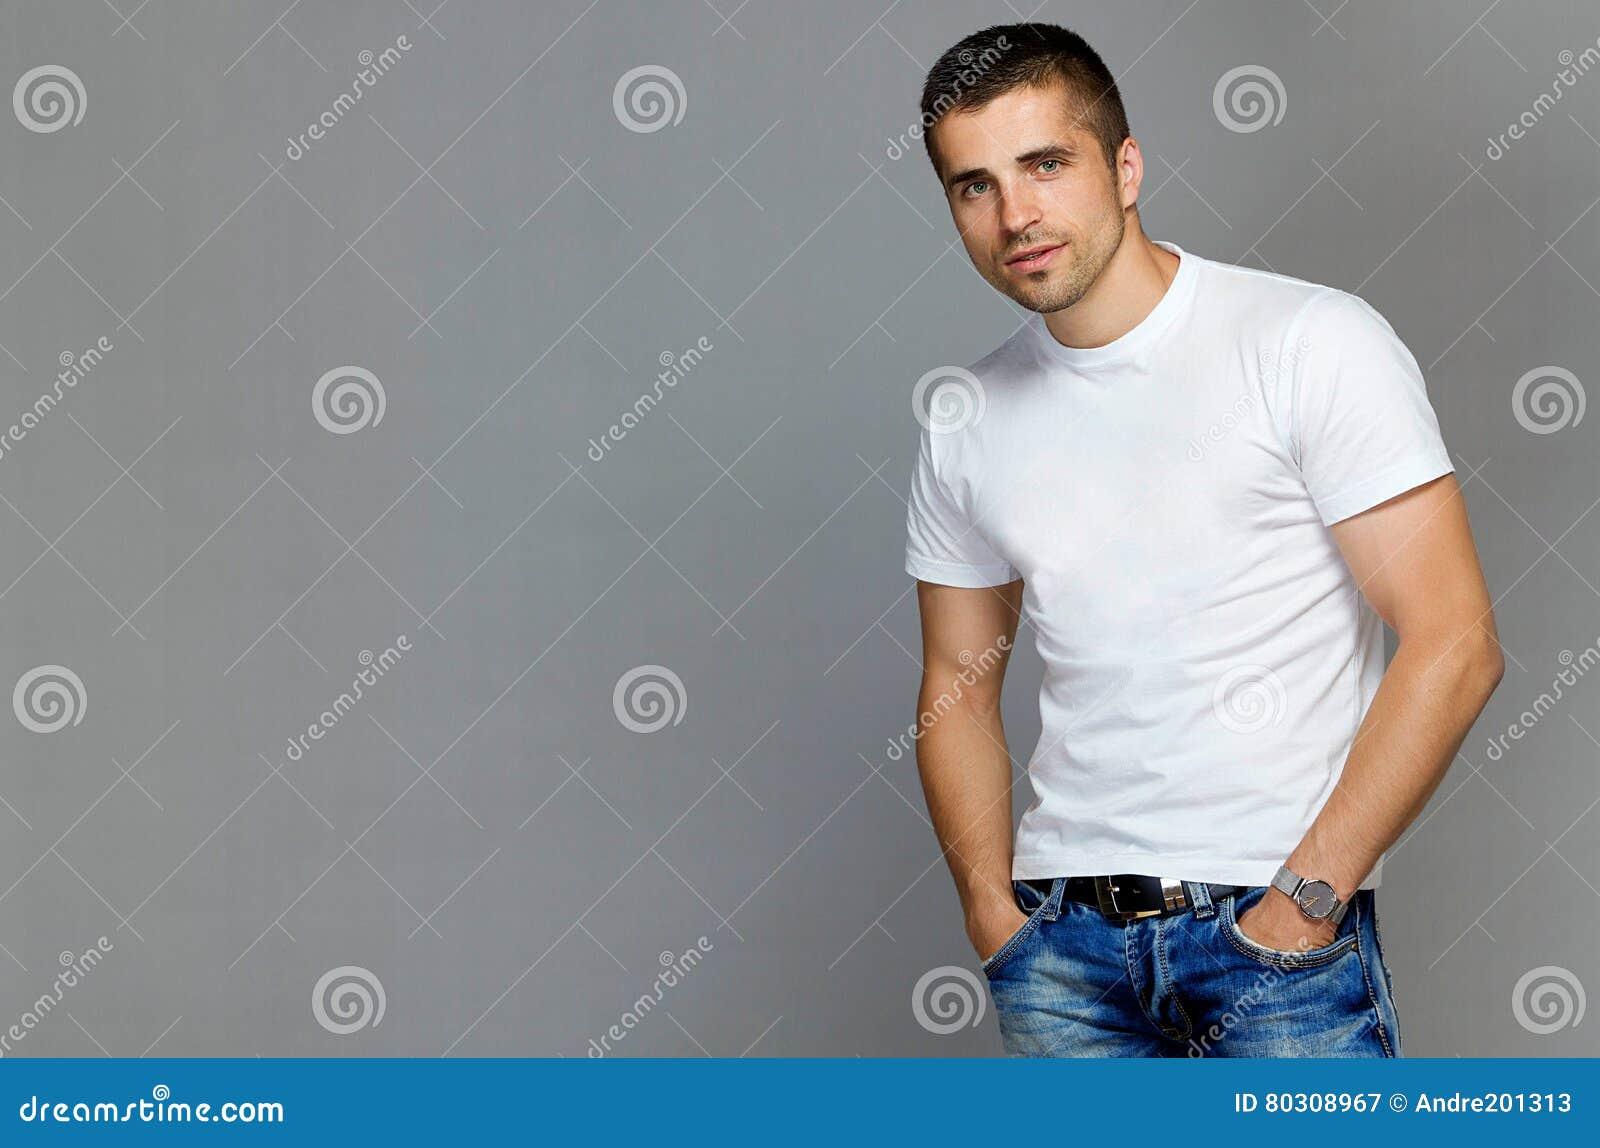 c8e134c67 Hombre Hermoso En Una Camiseta Blanca Y Vaqueros Imagen de archivo ...